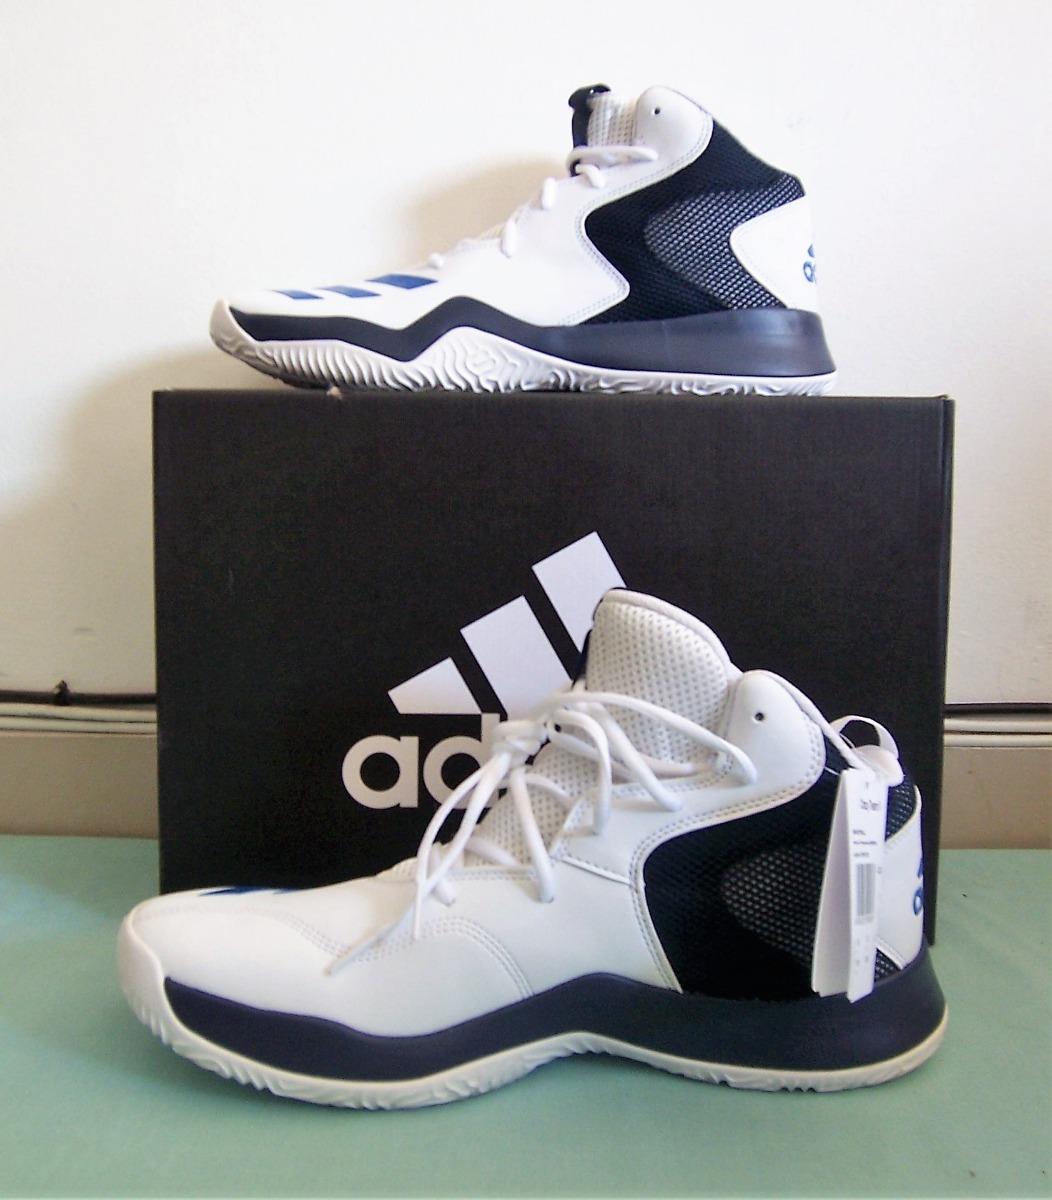 487eb94901c Cargando zoom... zapatillas botas basquet adidas crazy team ii envios gratis -